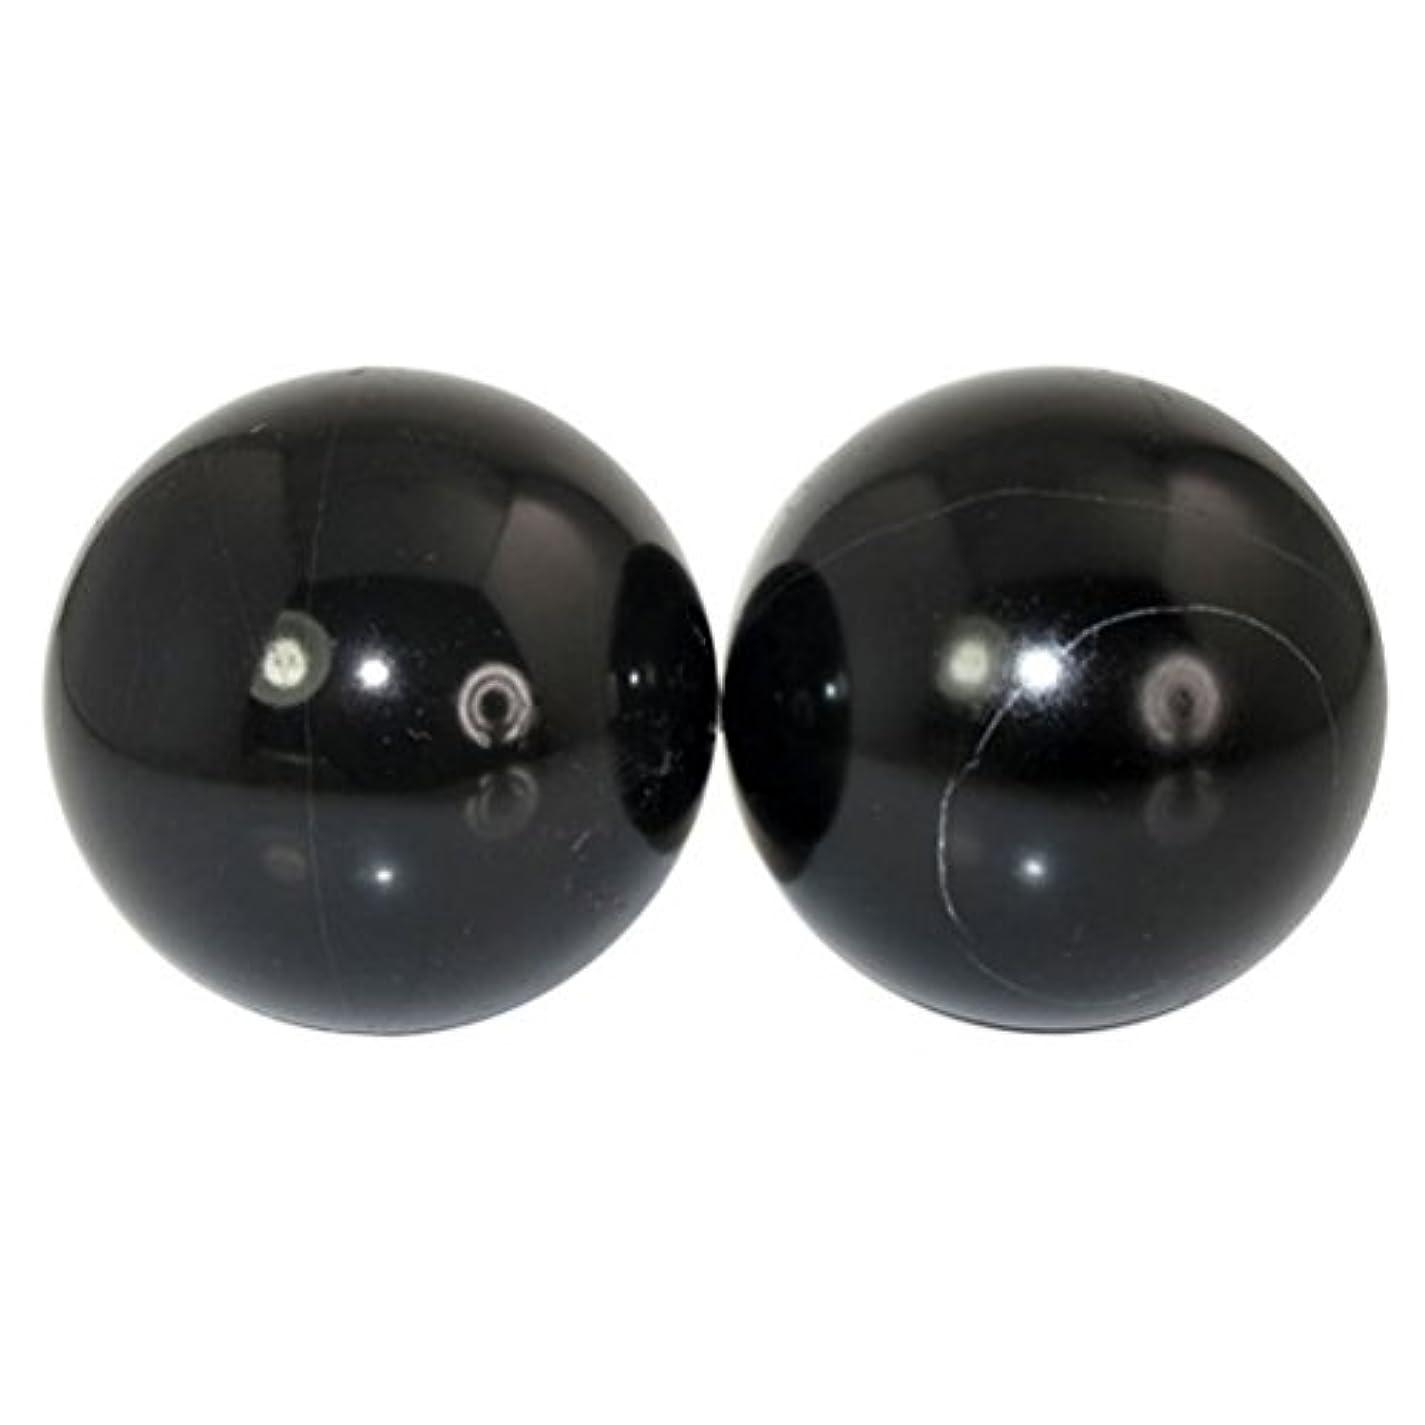 圧倒する賃金解明ROSENICE 2本の天然石マッサージボール瞑想フィットネスハンドエクササイズヒーリングボール(手治療用)ストレスレリーフ(黒)